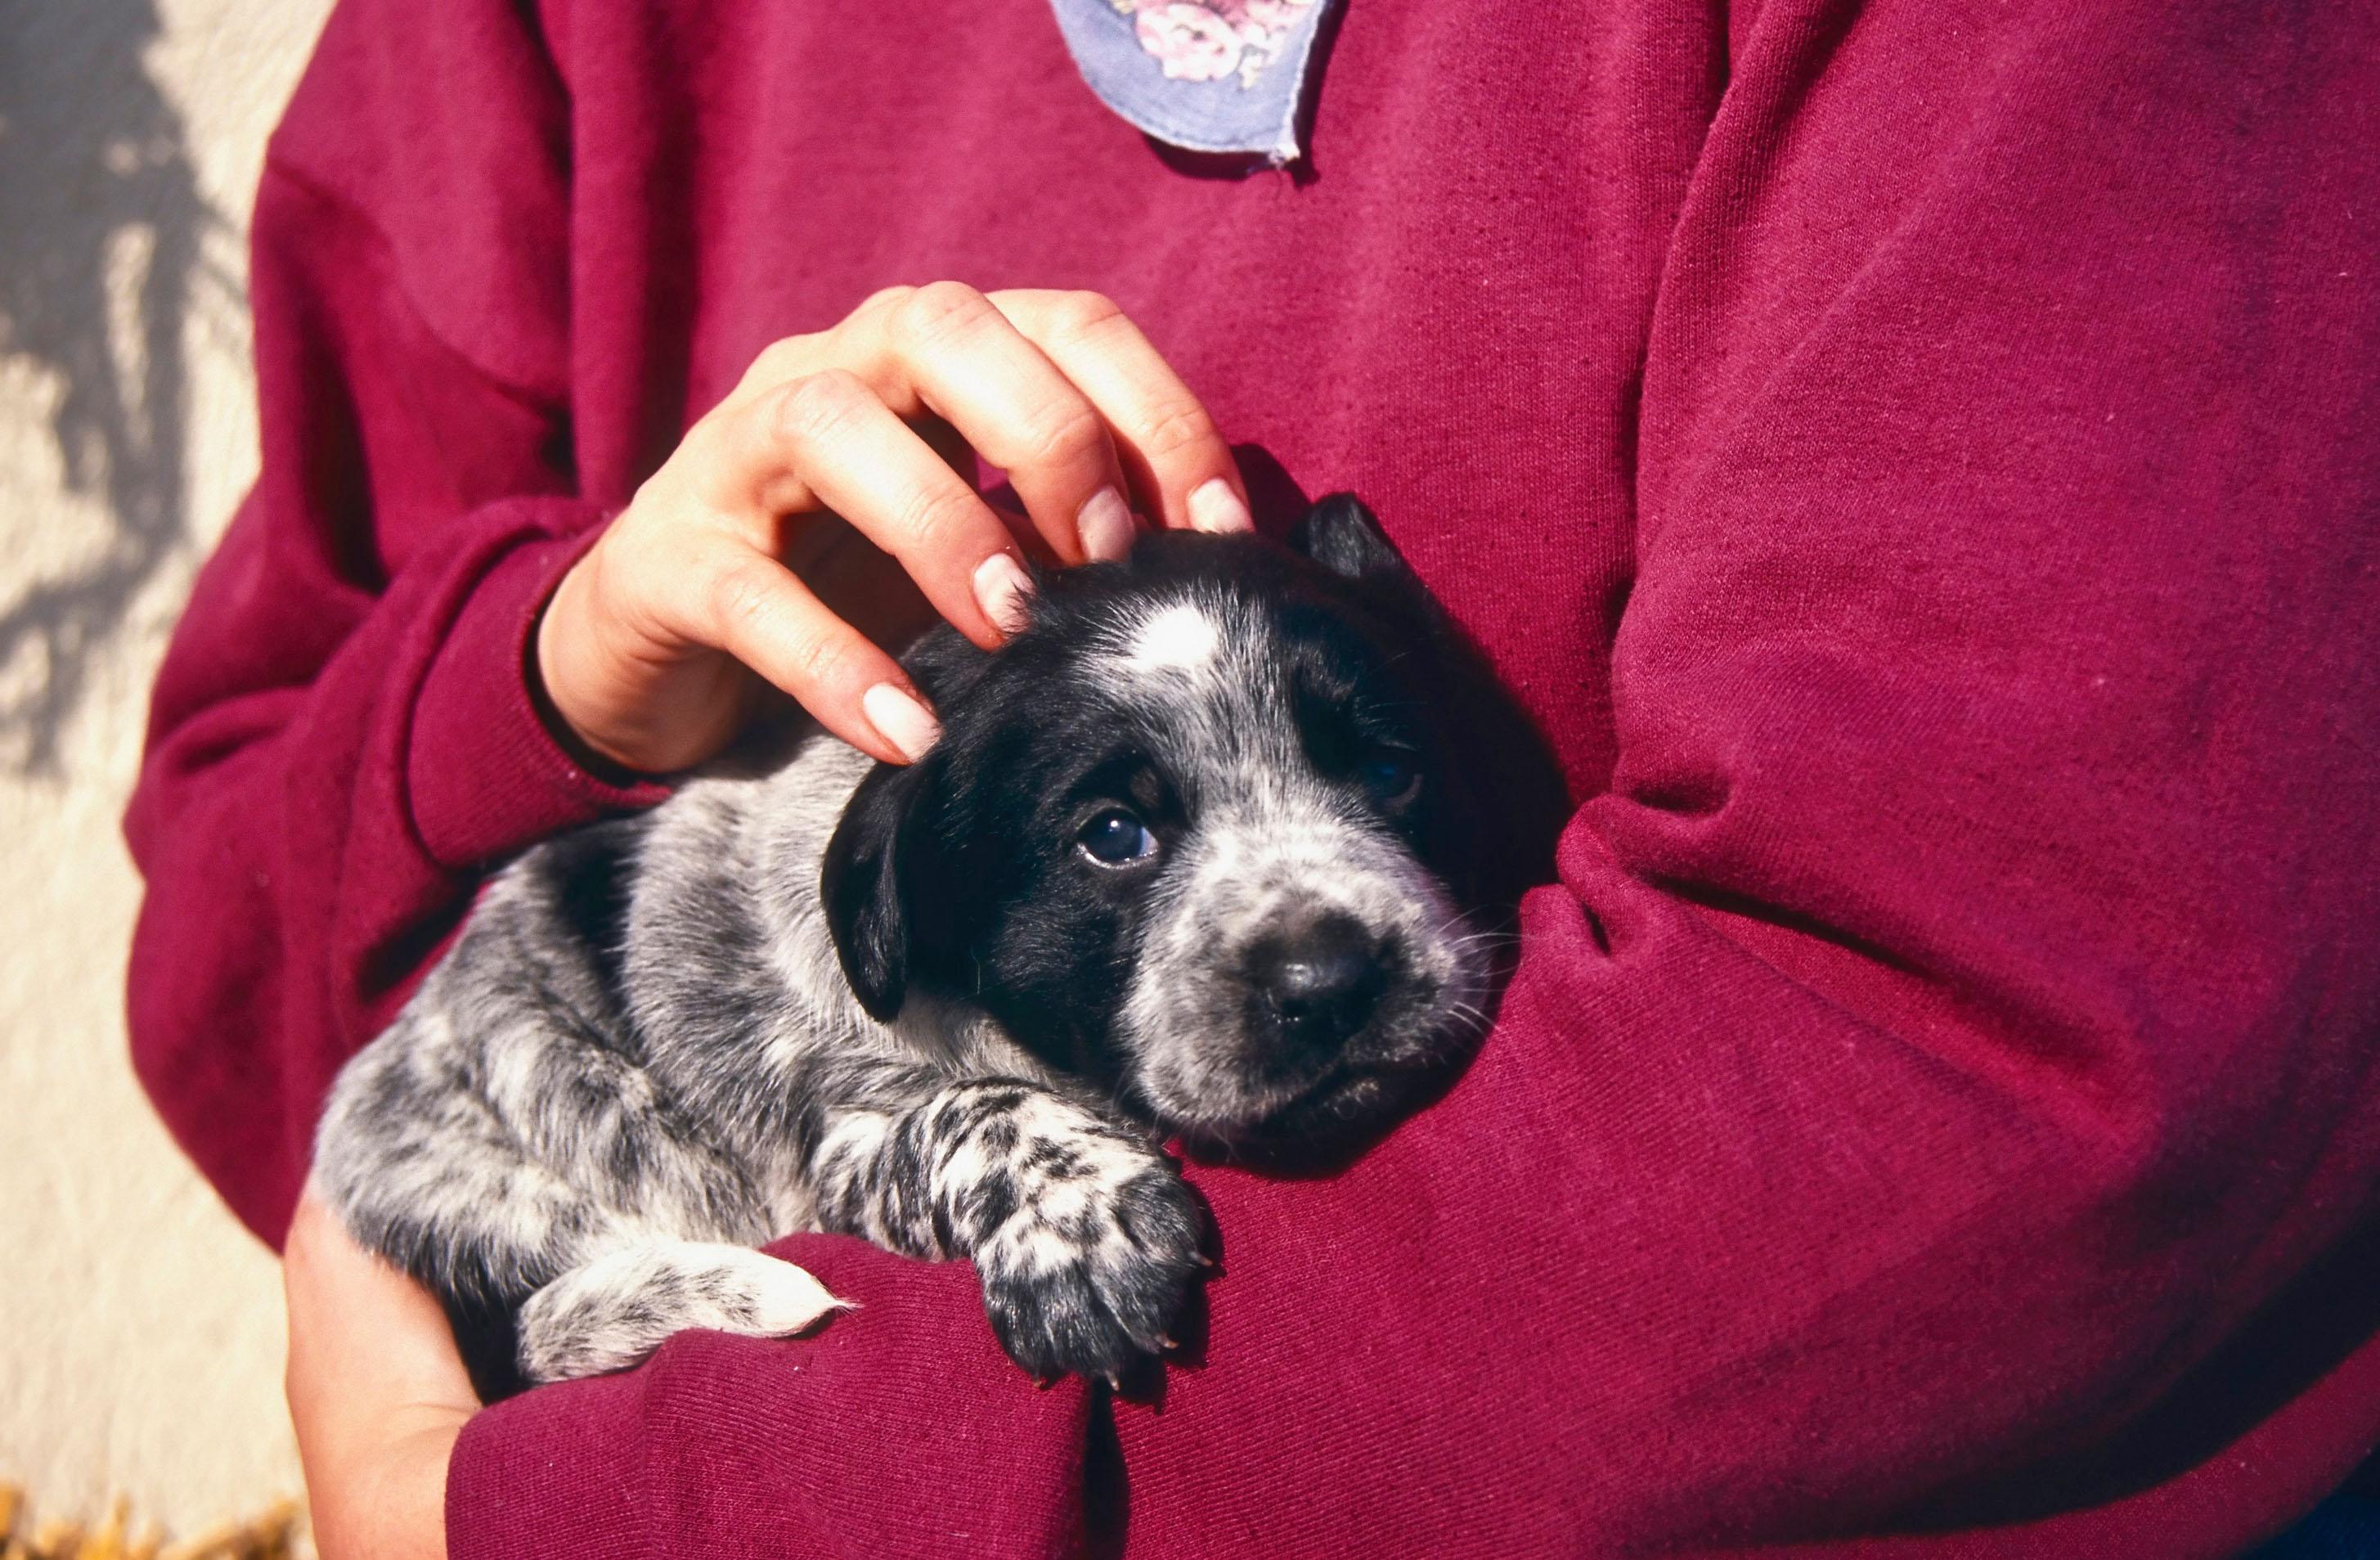 Volete far imbestialire il cane trattatelo da essere umano - Cane allo specchio ...